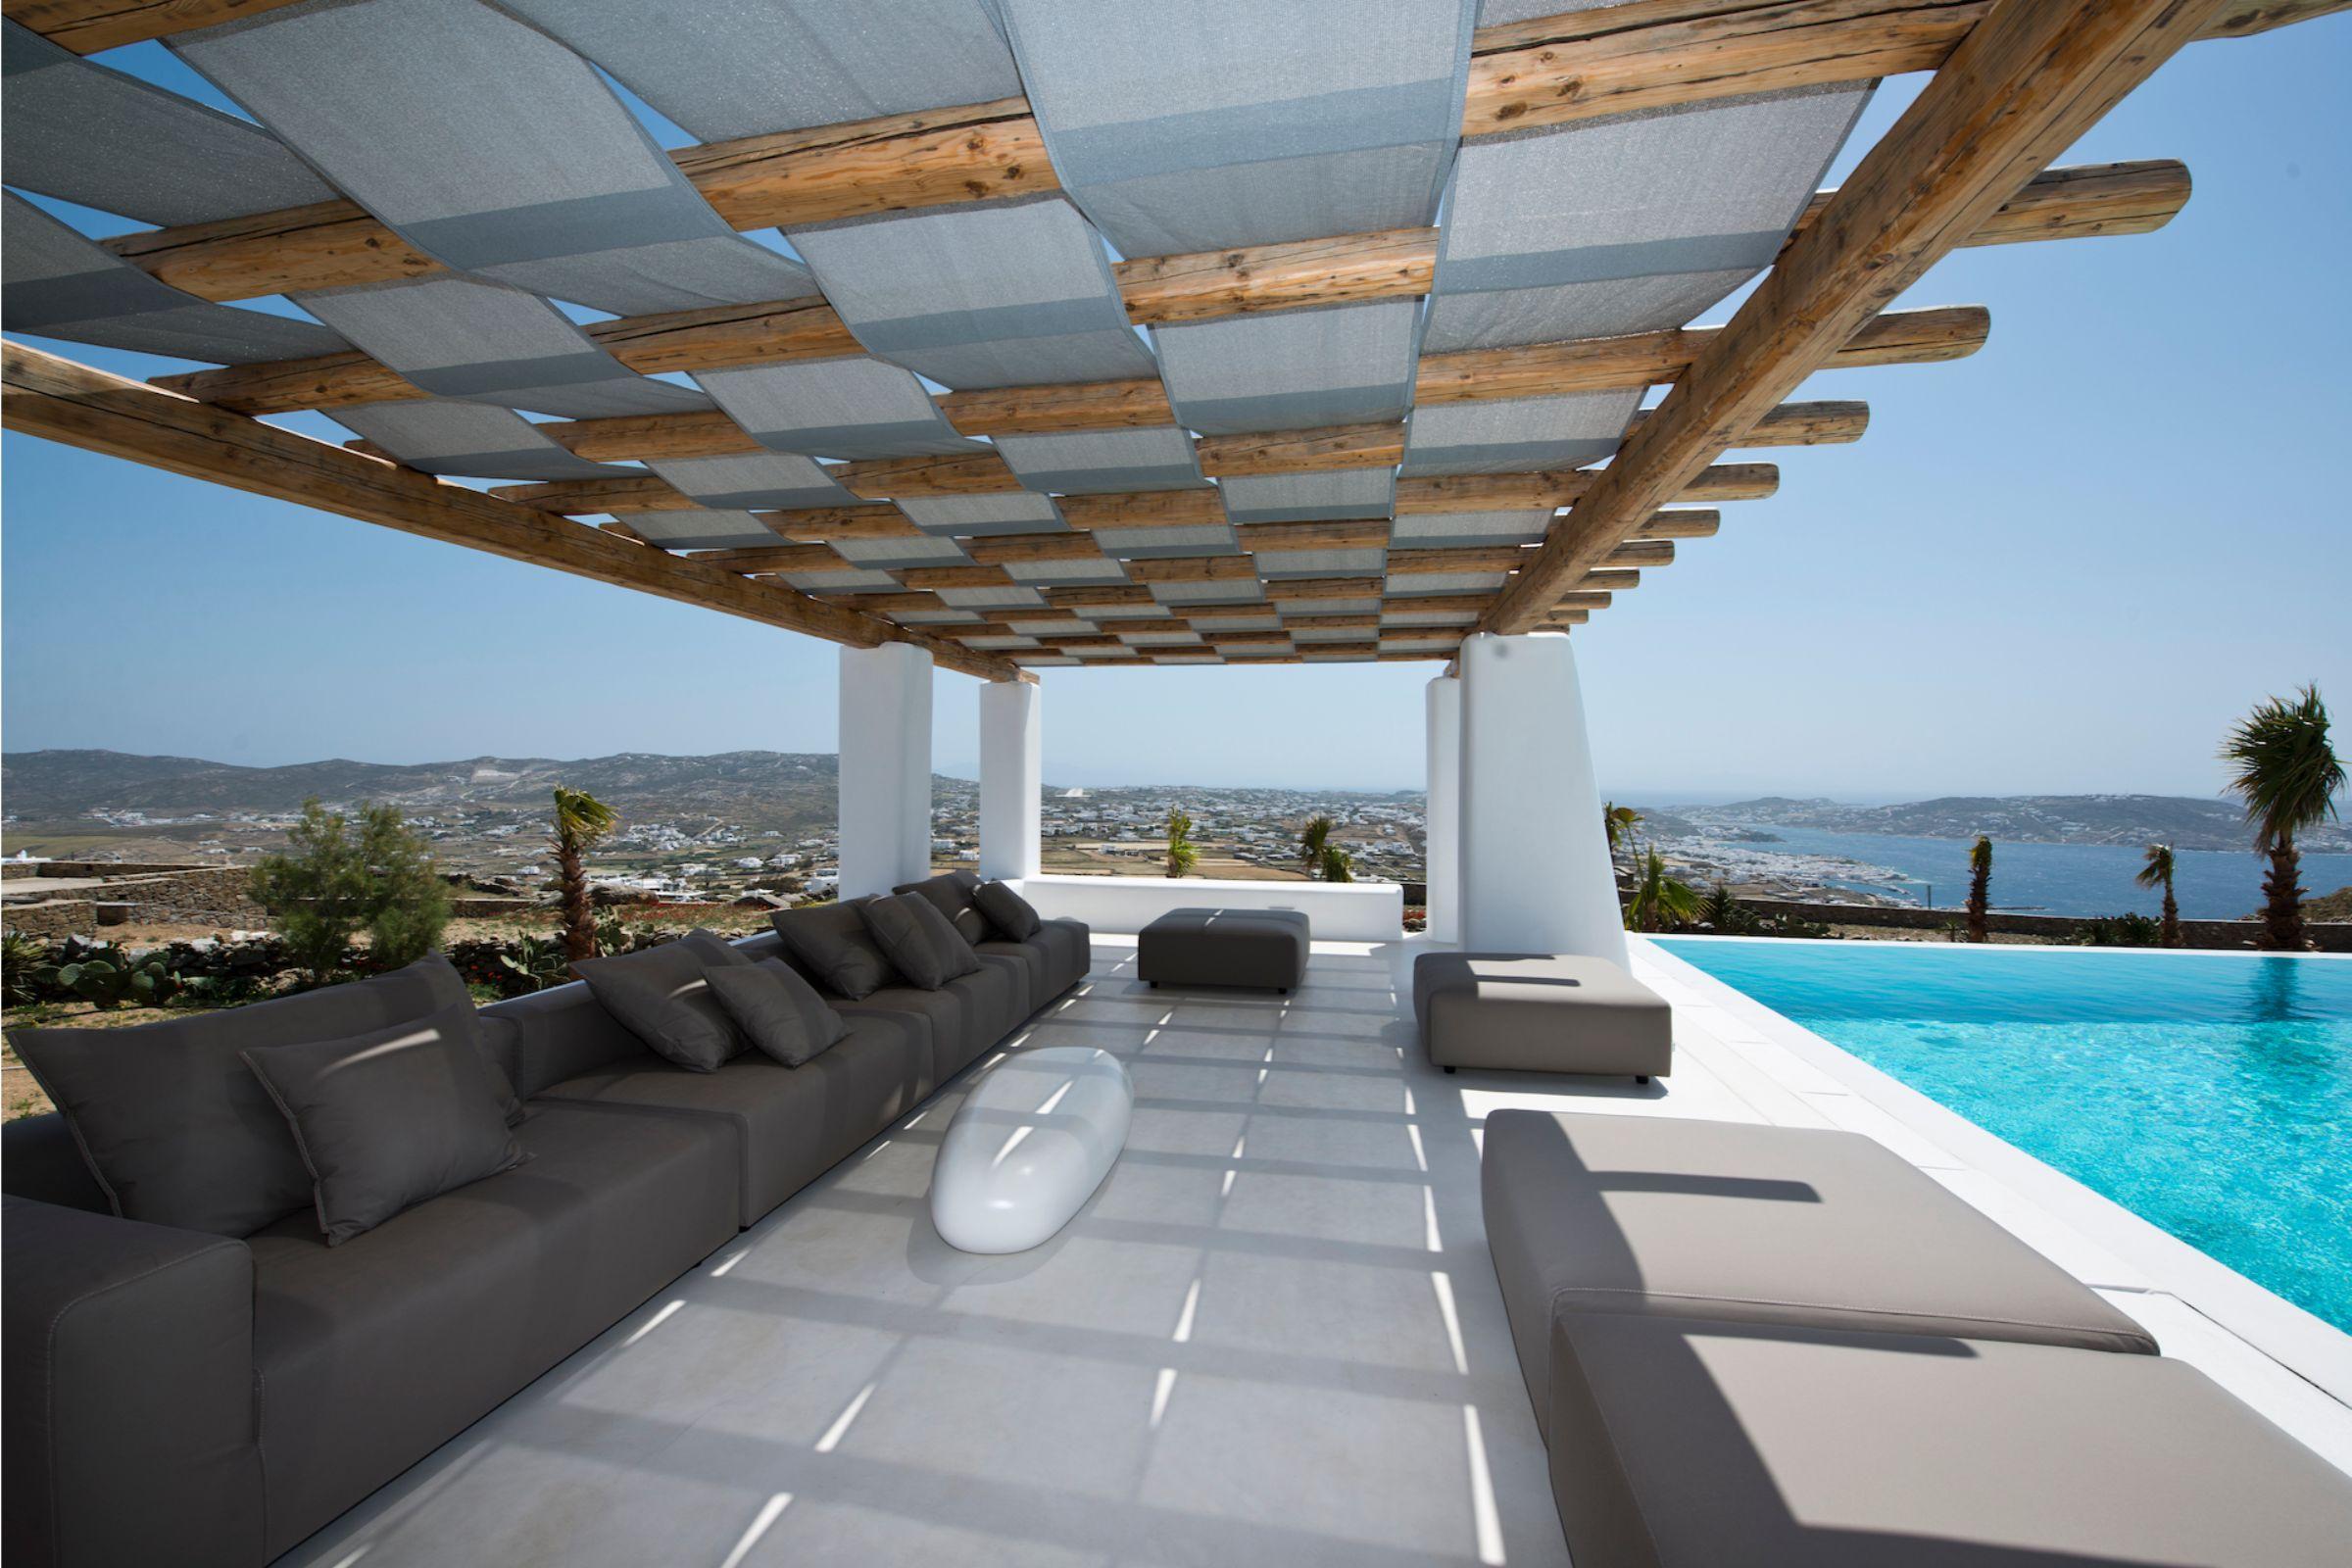 tourlos private estate pool